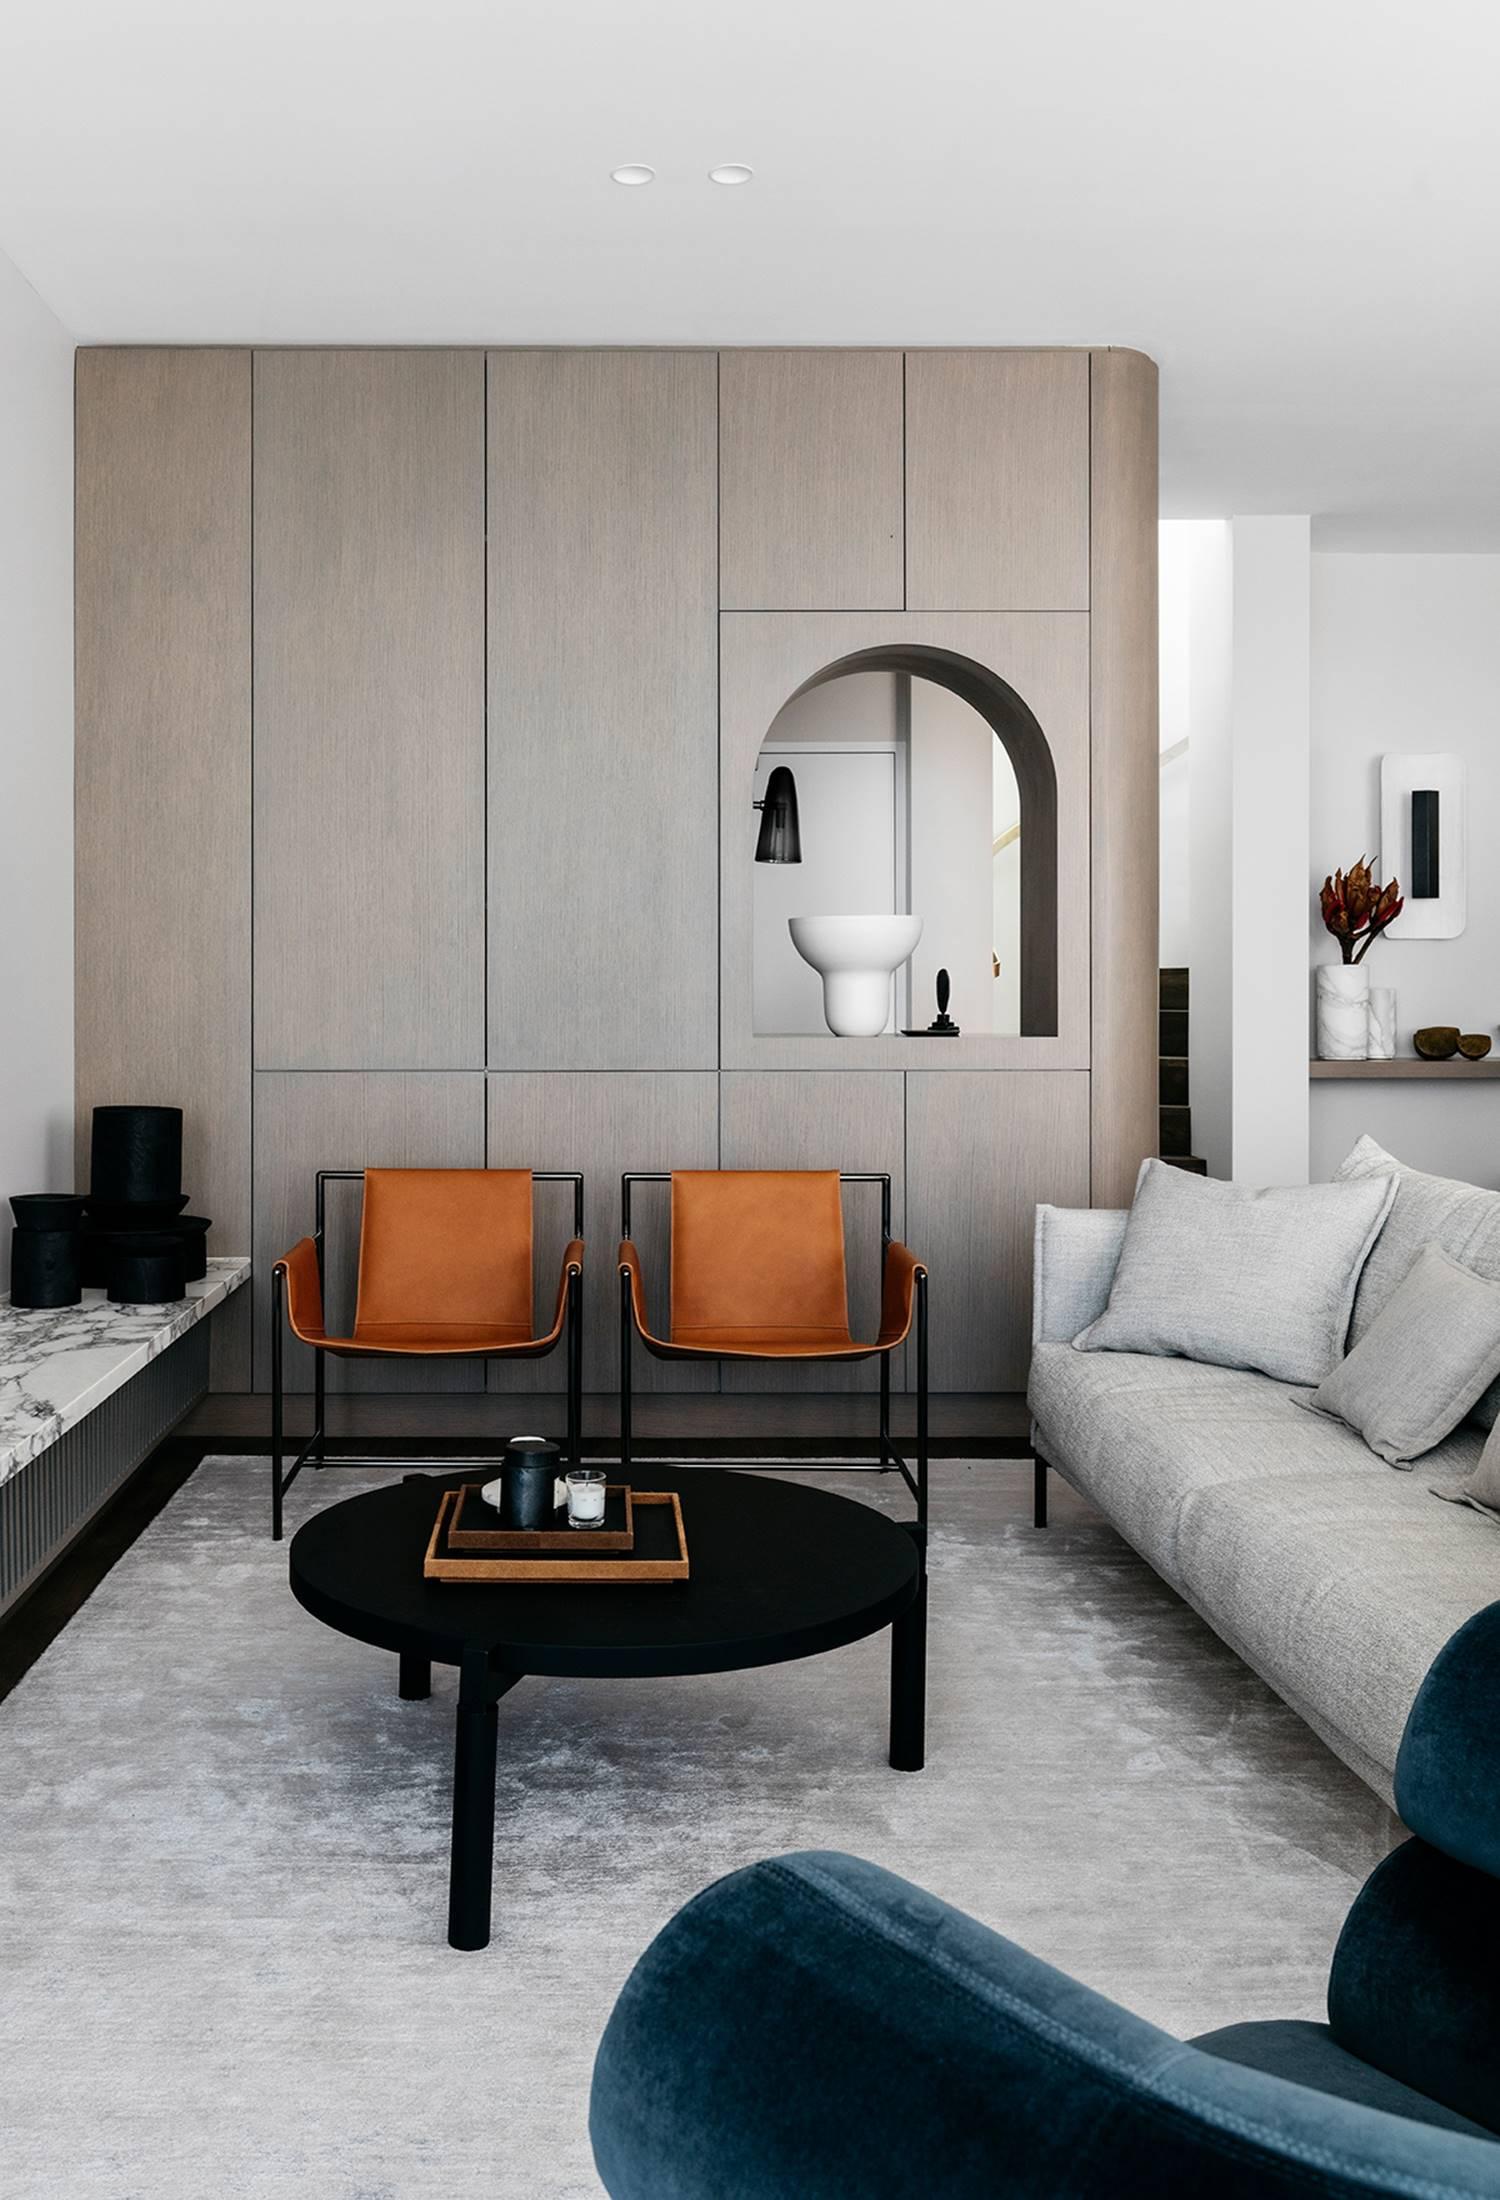 Interior combinado en diferentes tonalidades neutras y mobiliario de contrastes diseñado por Felix Forest.